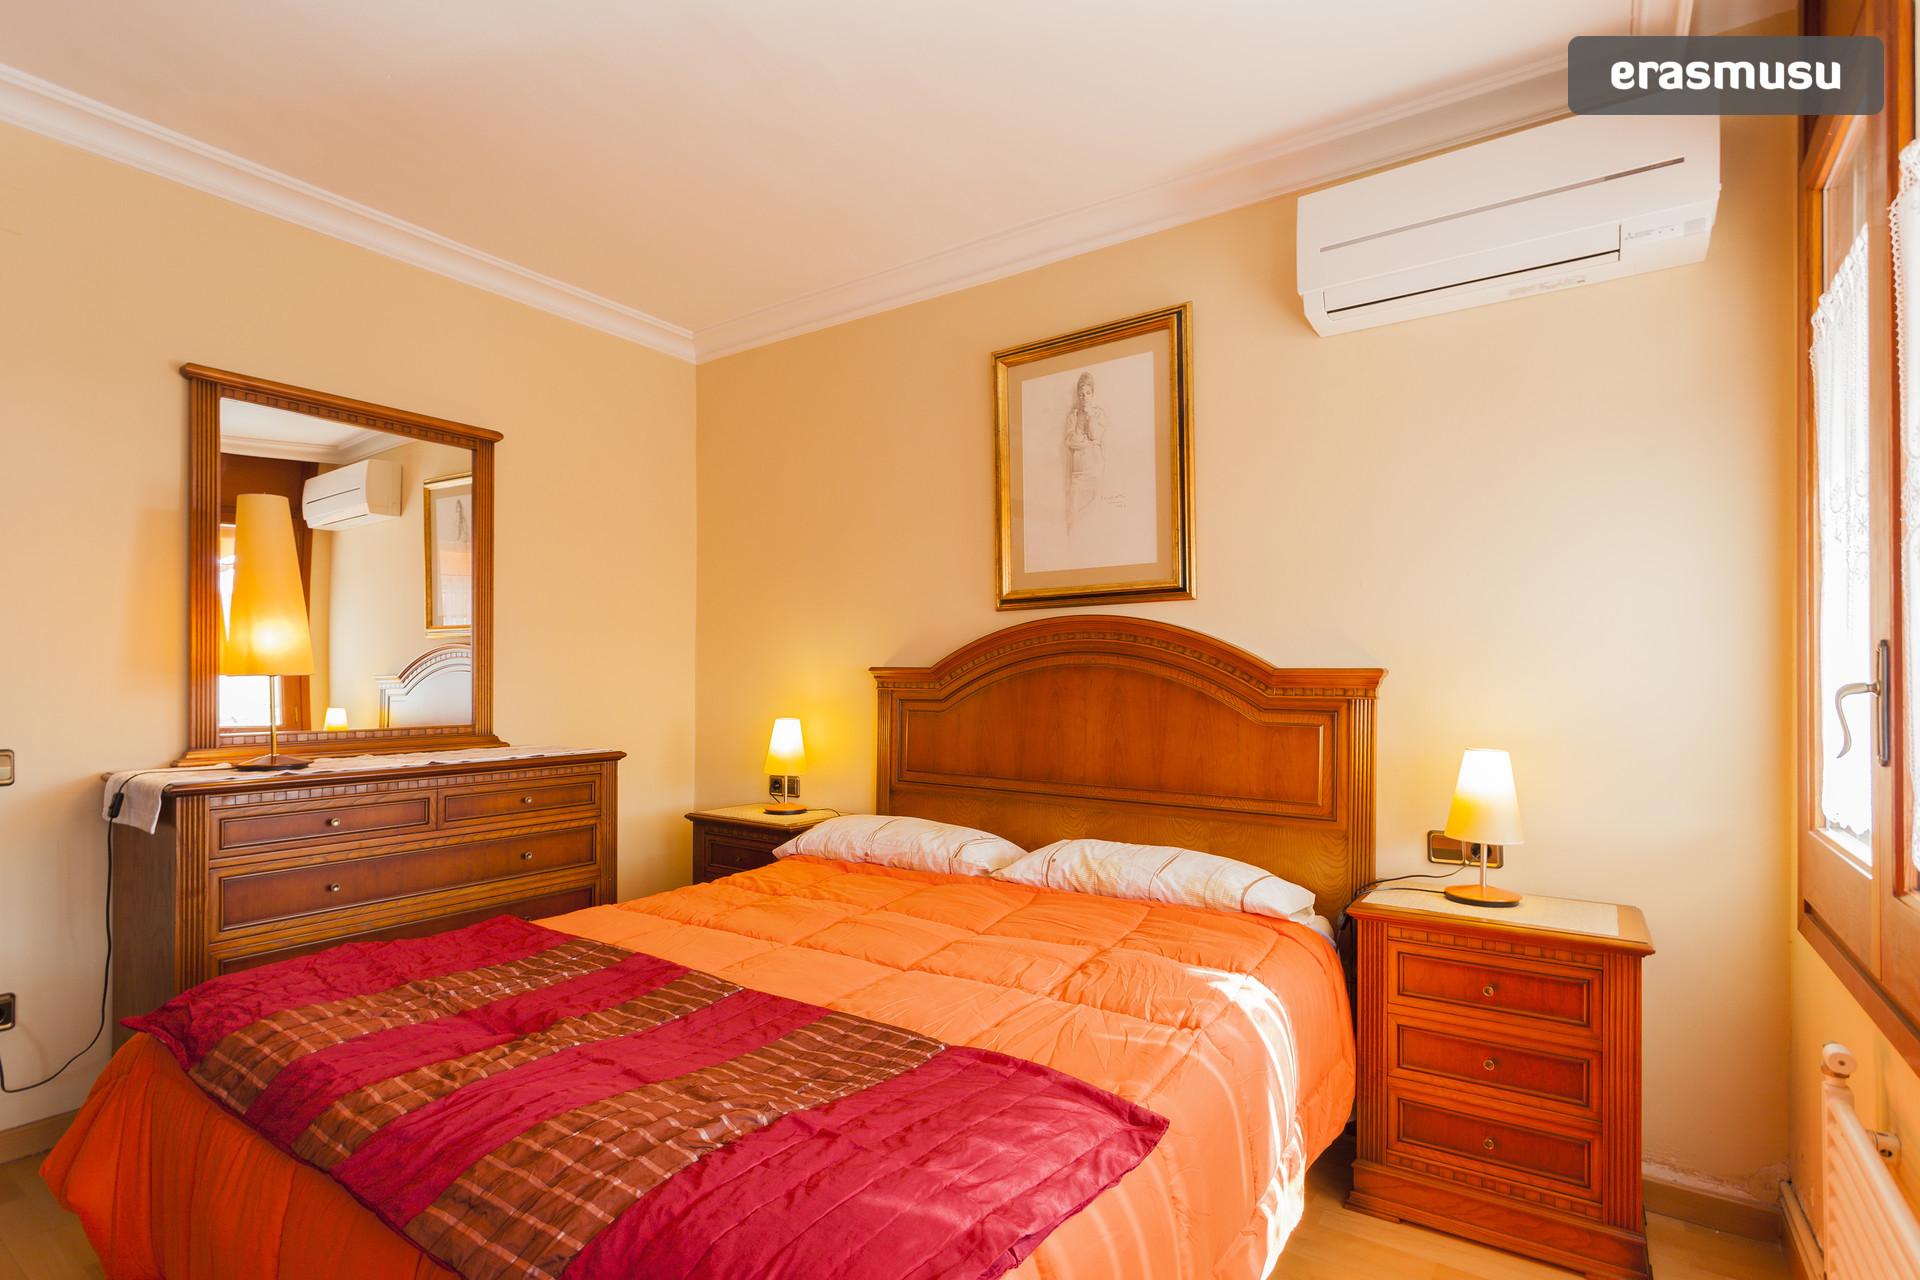 dormitorio-individual-zona-sagrega-71f59